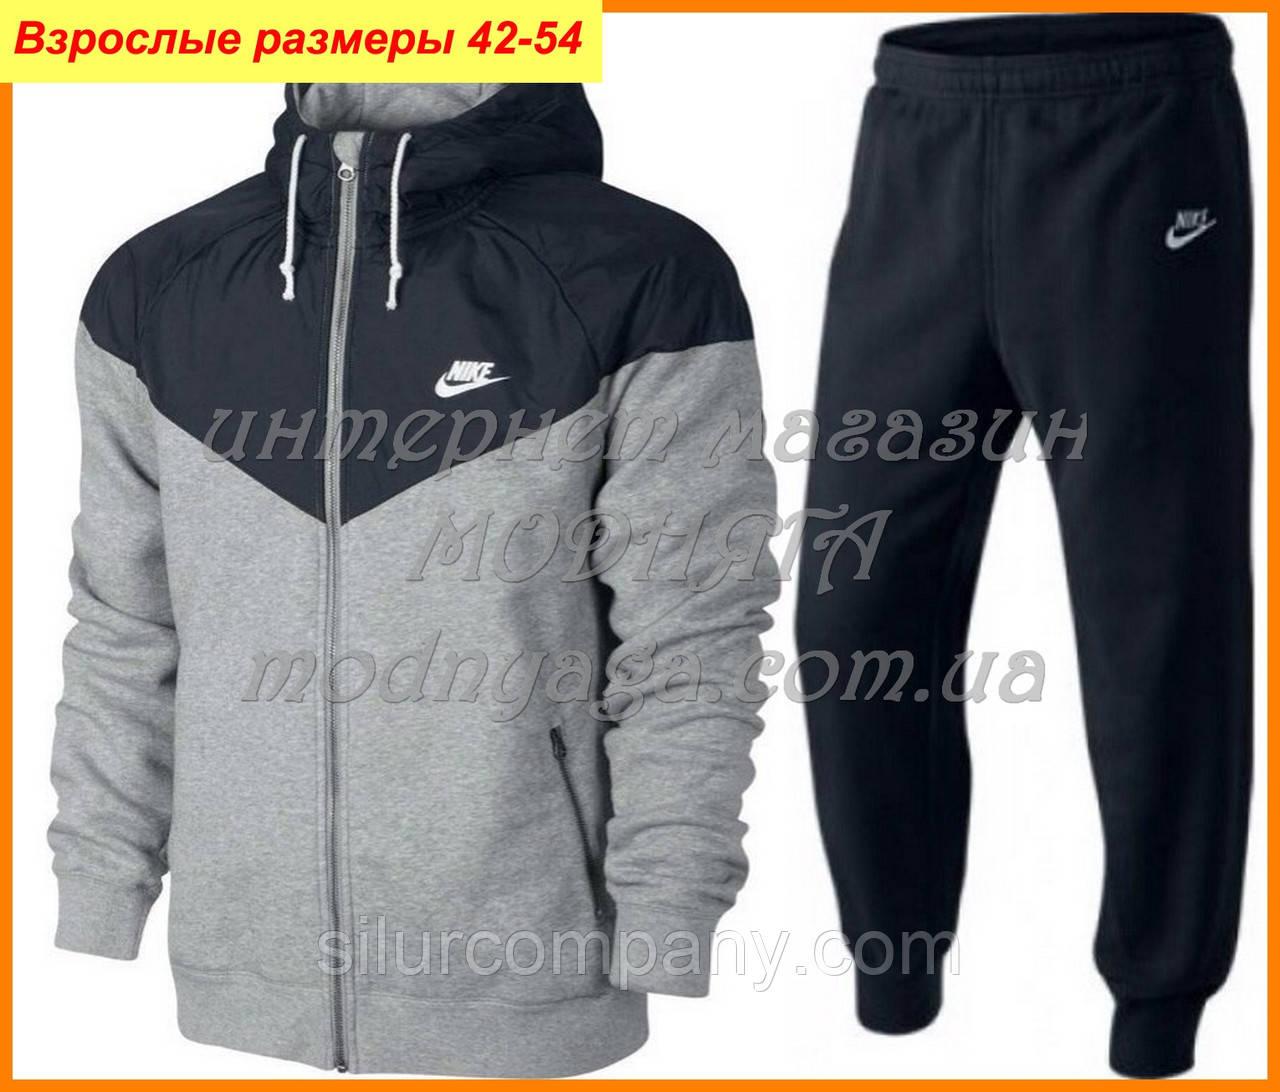 Спортивные костюмы найк фото, цена 1 042 грн., купить в Харькове ... 941da72fbf5